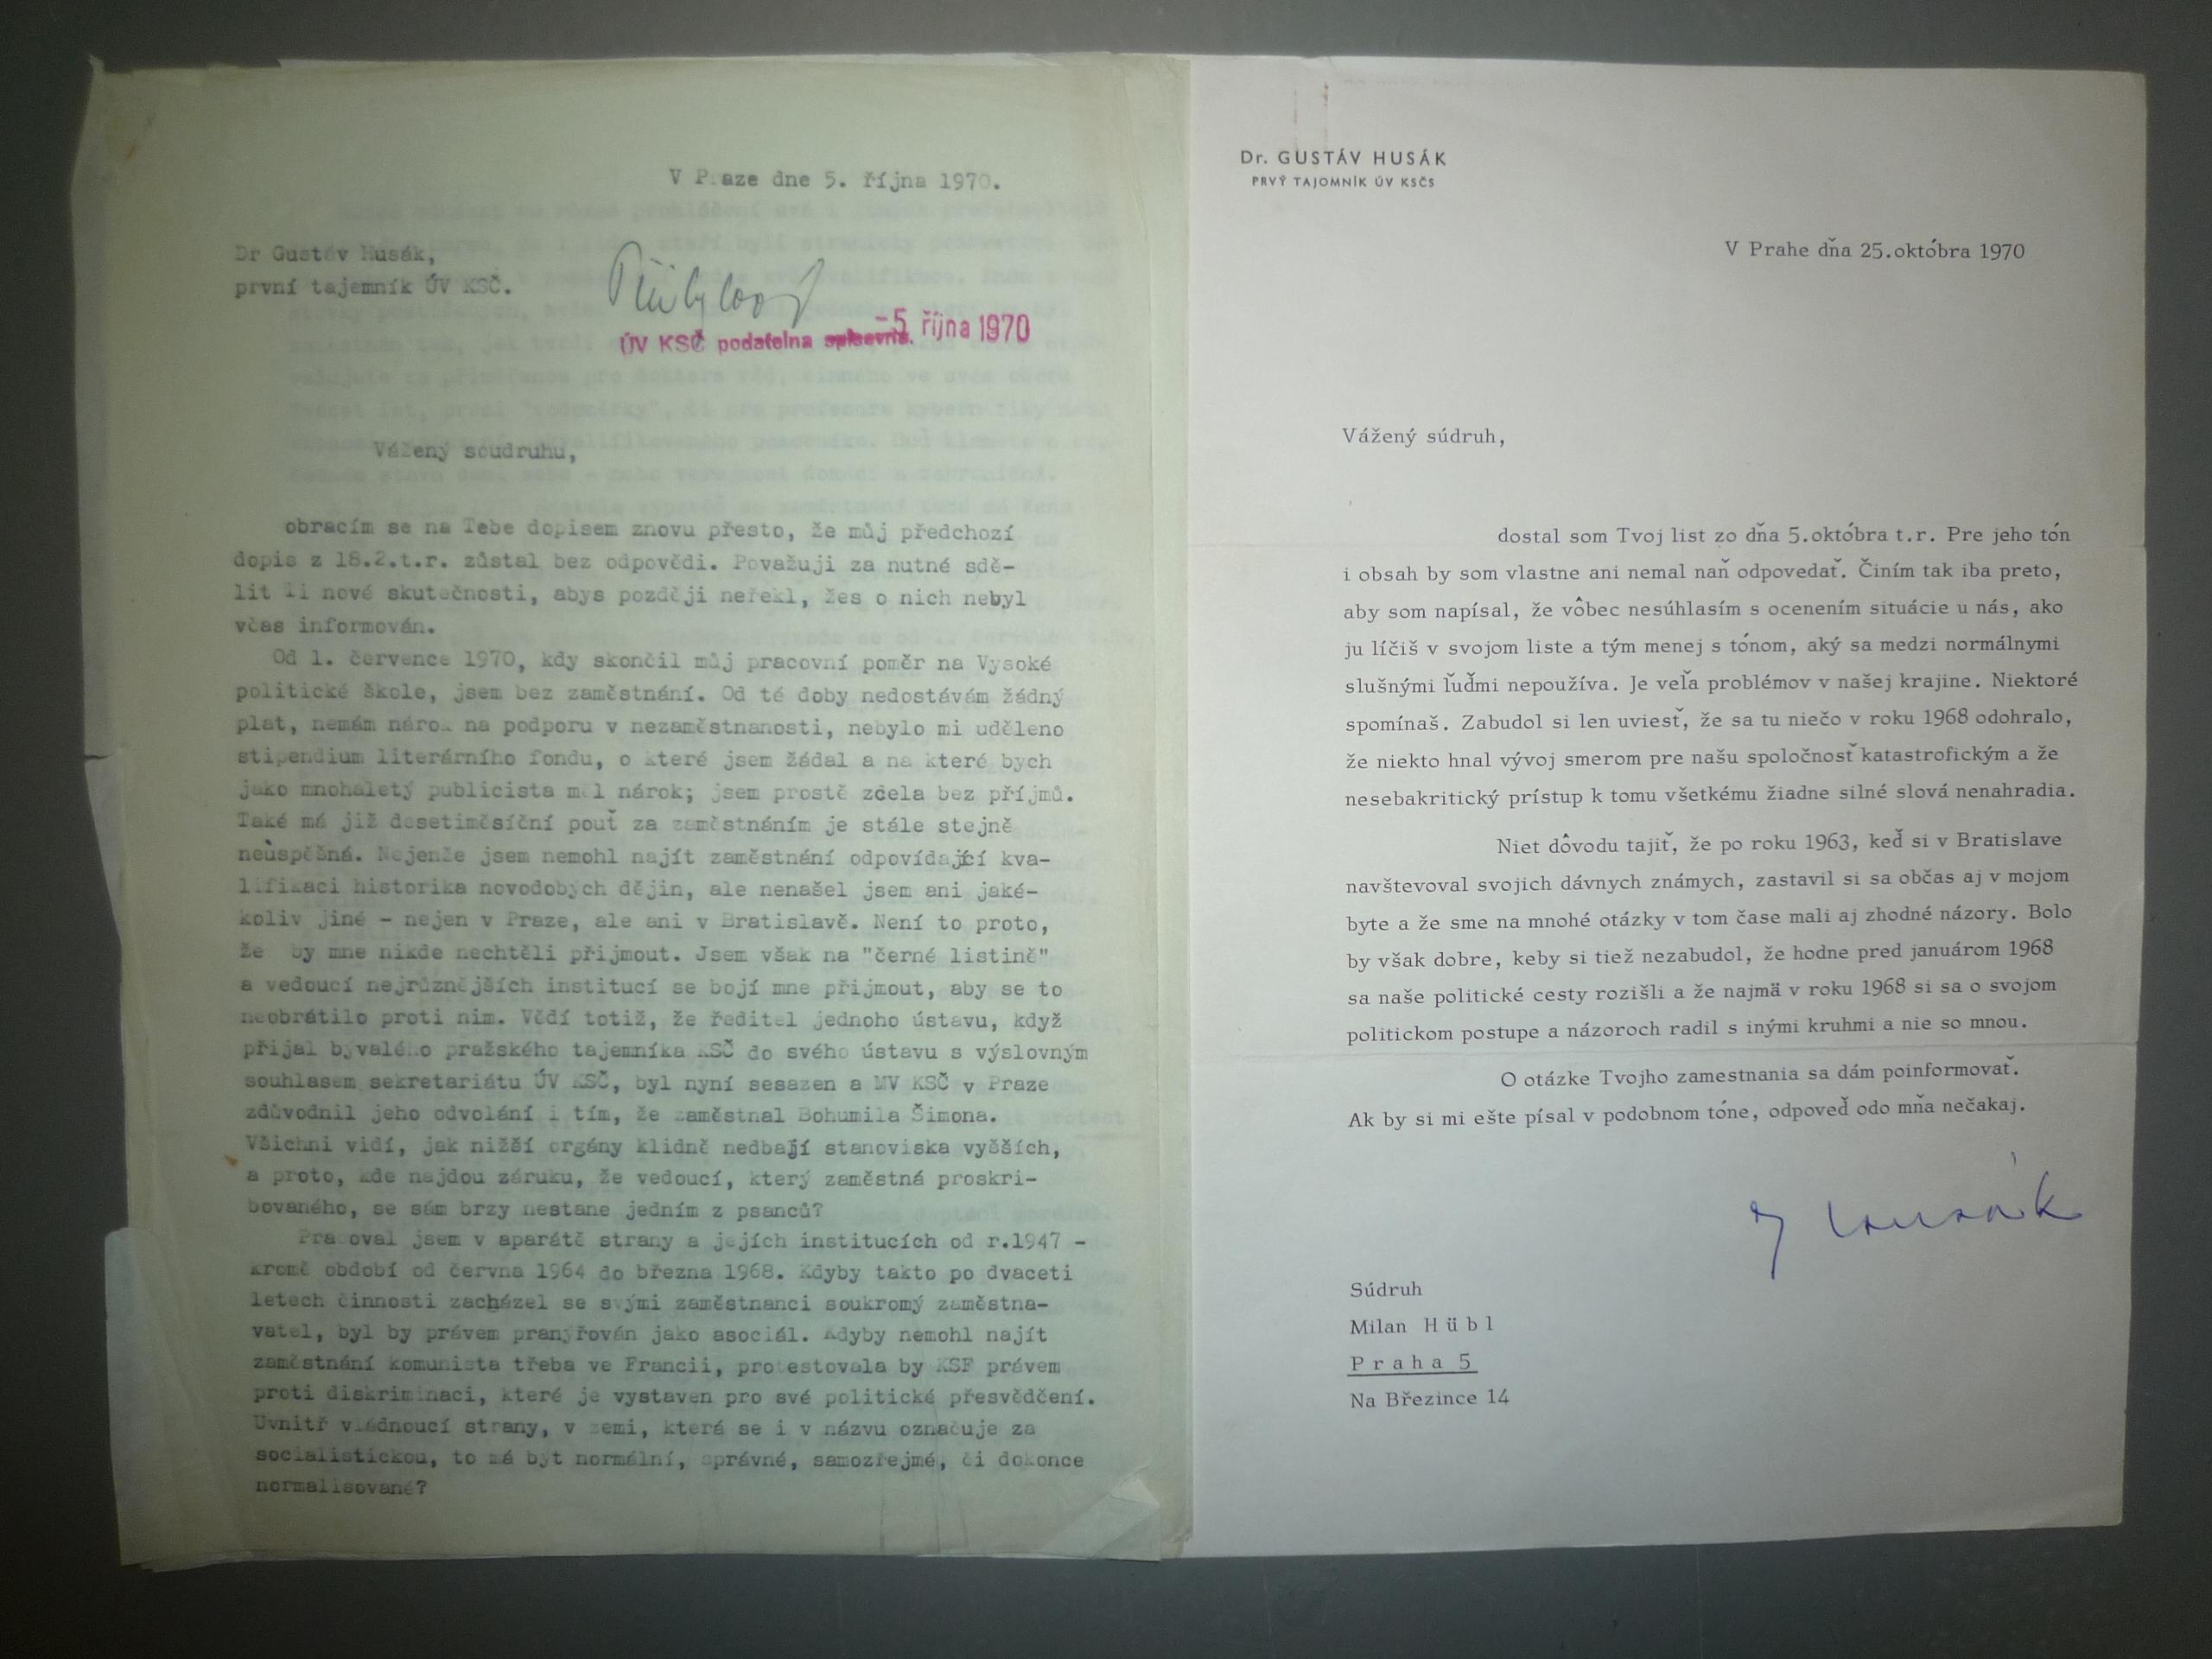 Letter from Milan Hübl to Gustáv Husák, 5 October 1970